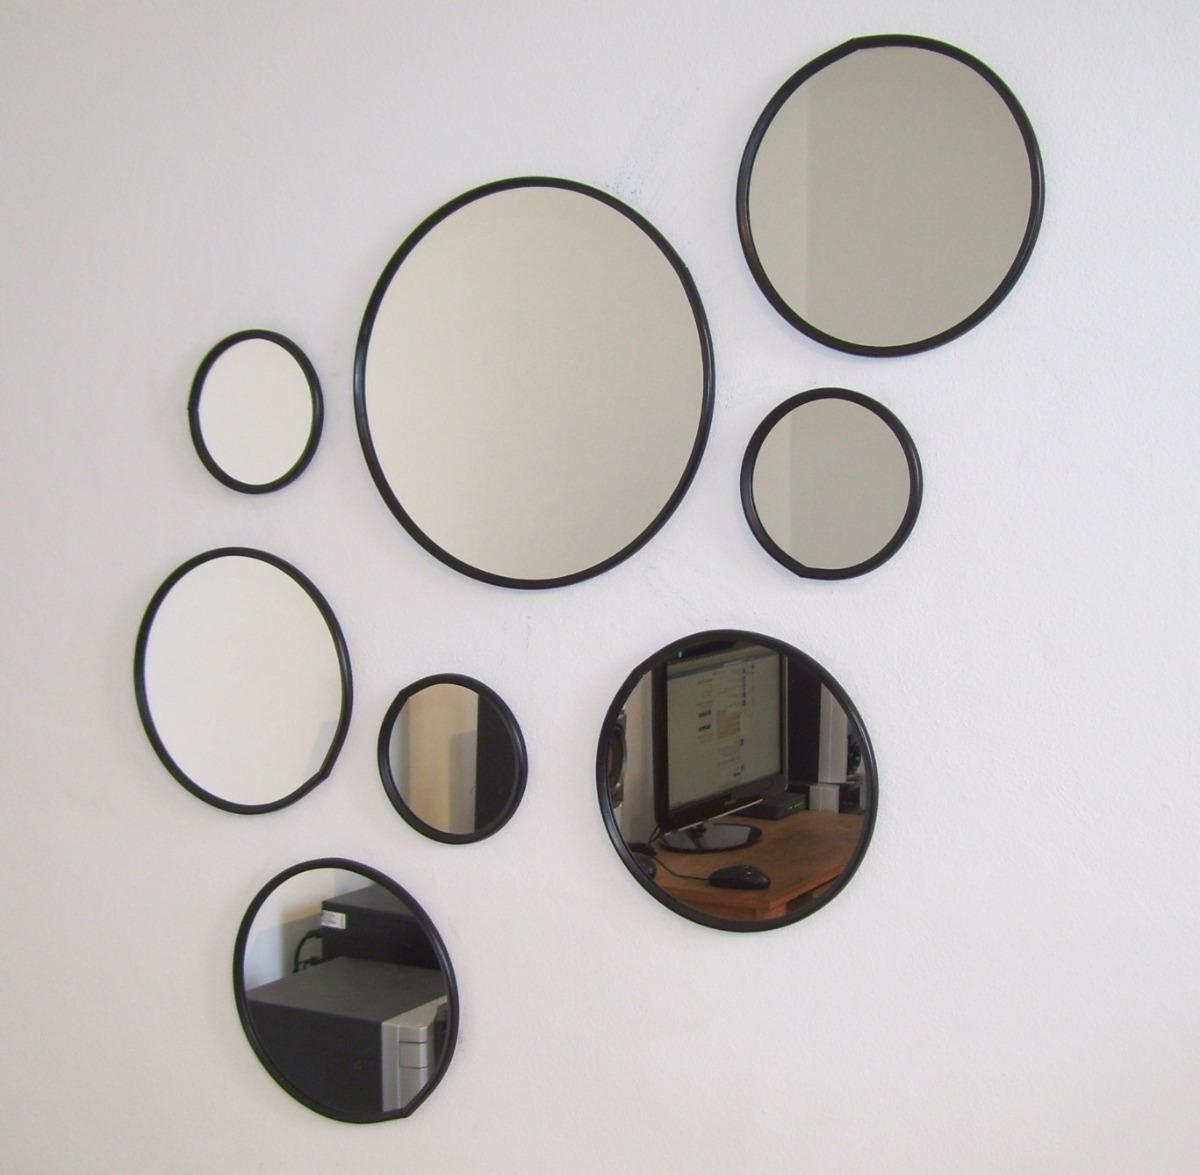 3a psicolog a y comunicaci n uba somos espejos nos for Marcos para espejos redondos